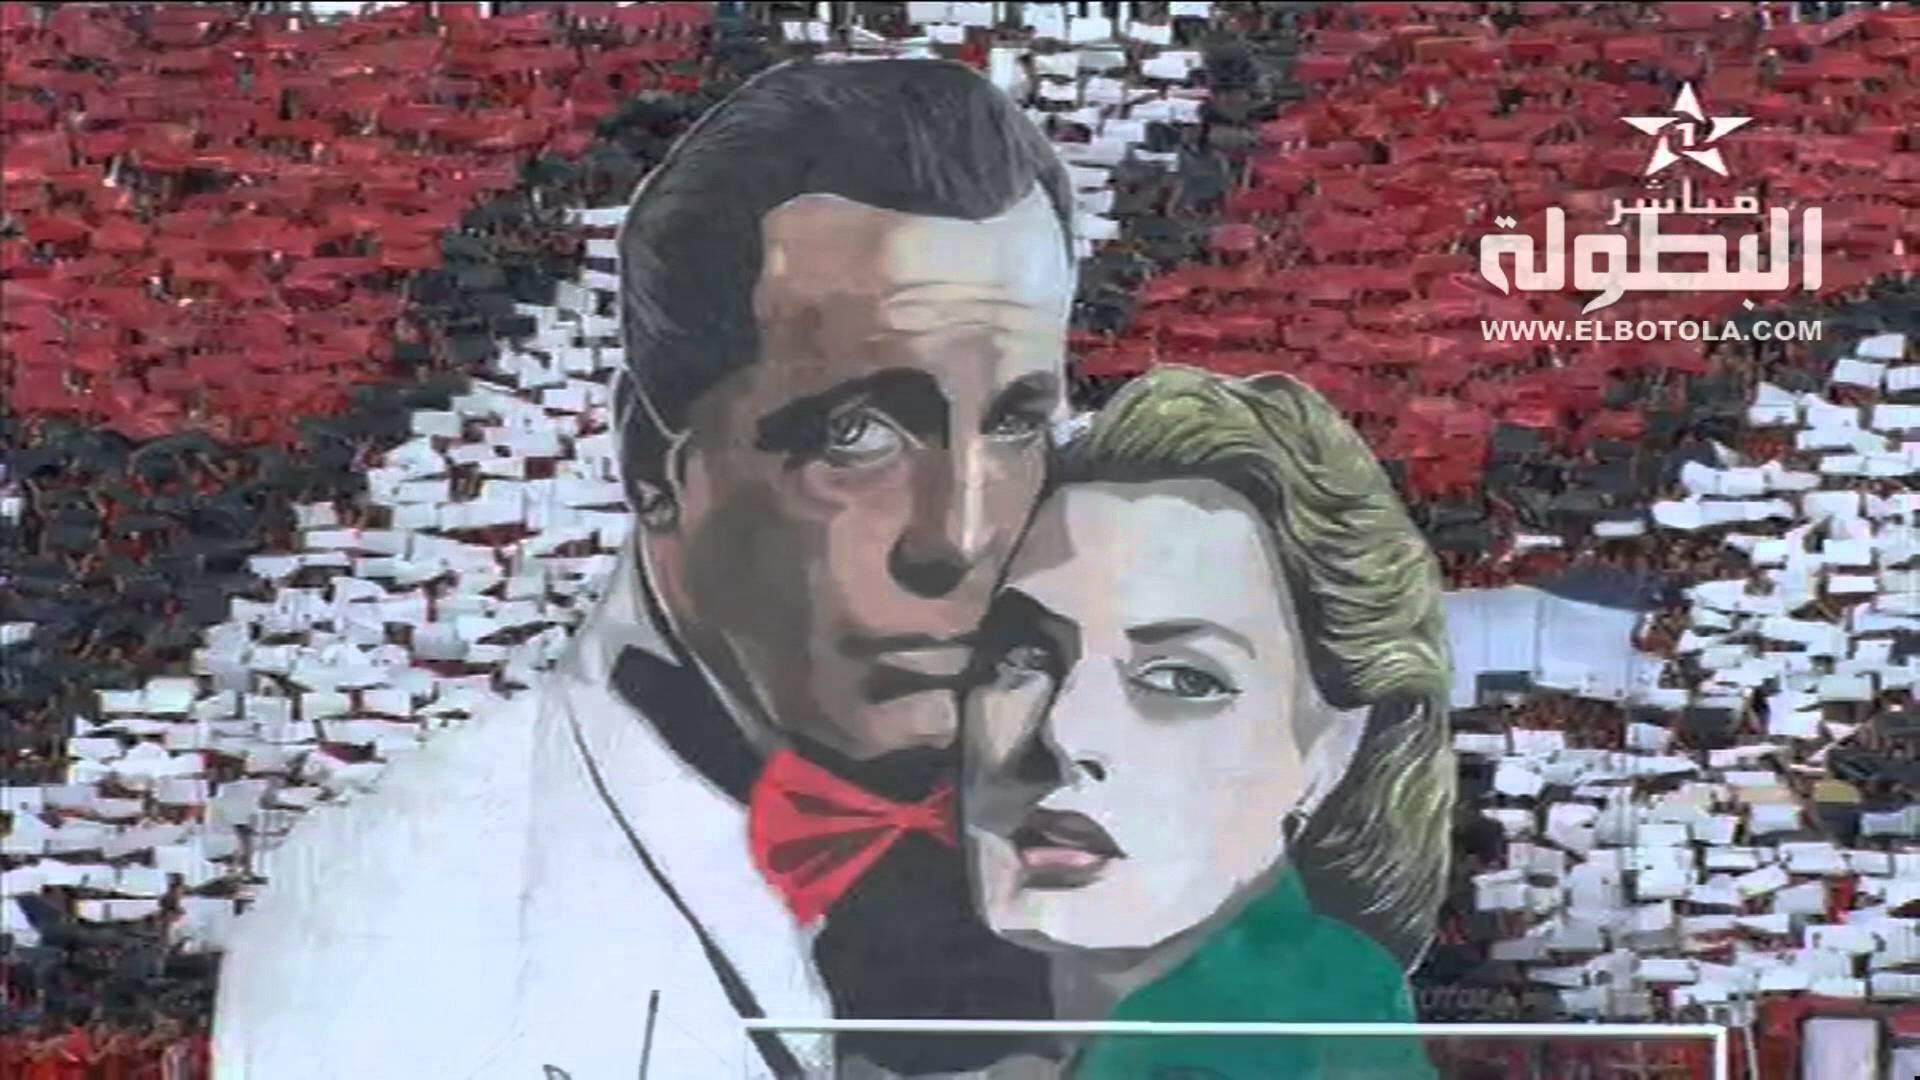 فيديو: تيفو الوداد والرجاء - الديربي 119